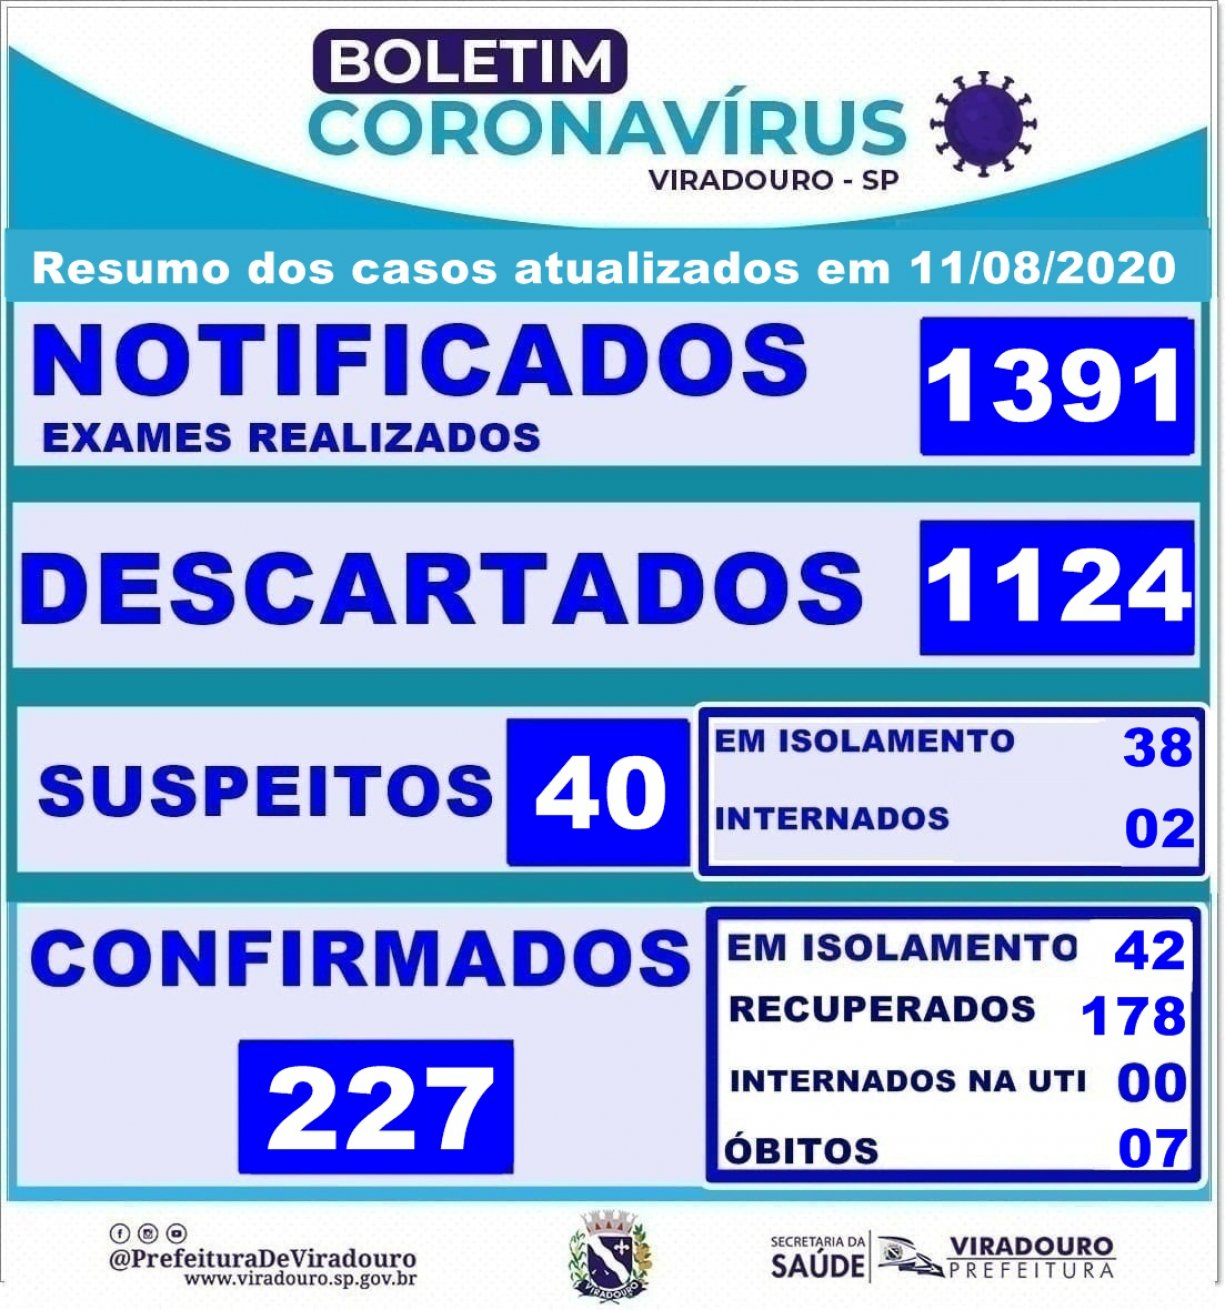 Boletim Epidemiológico Viradouro (Atualização 11/08/2020)